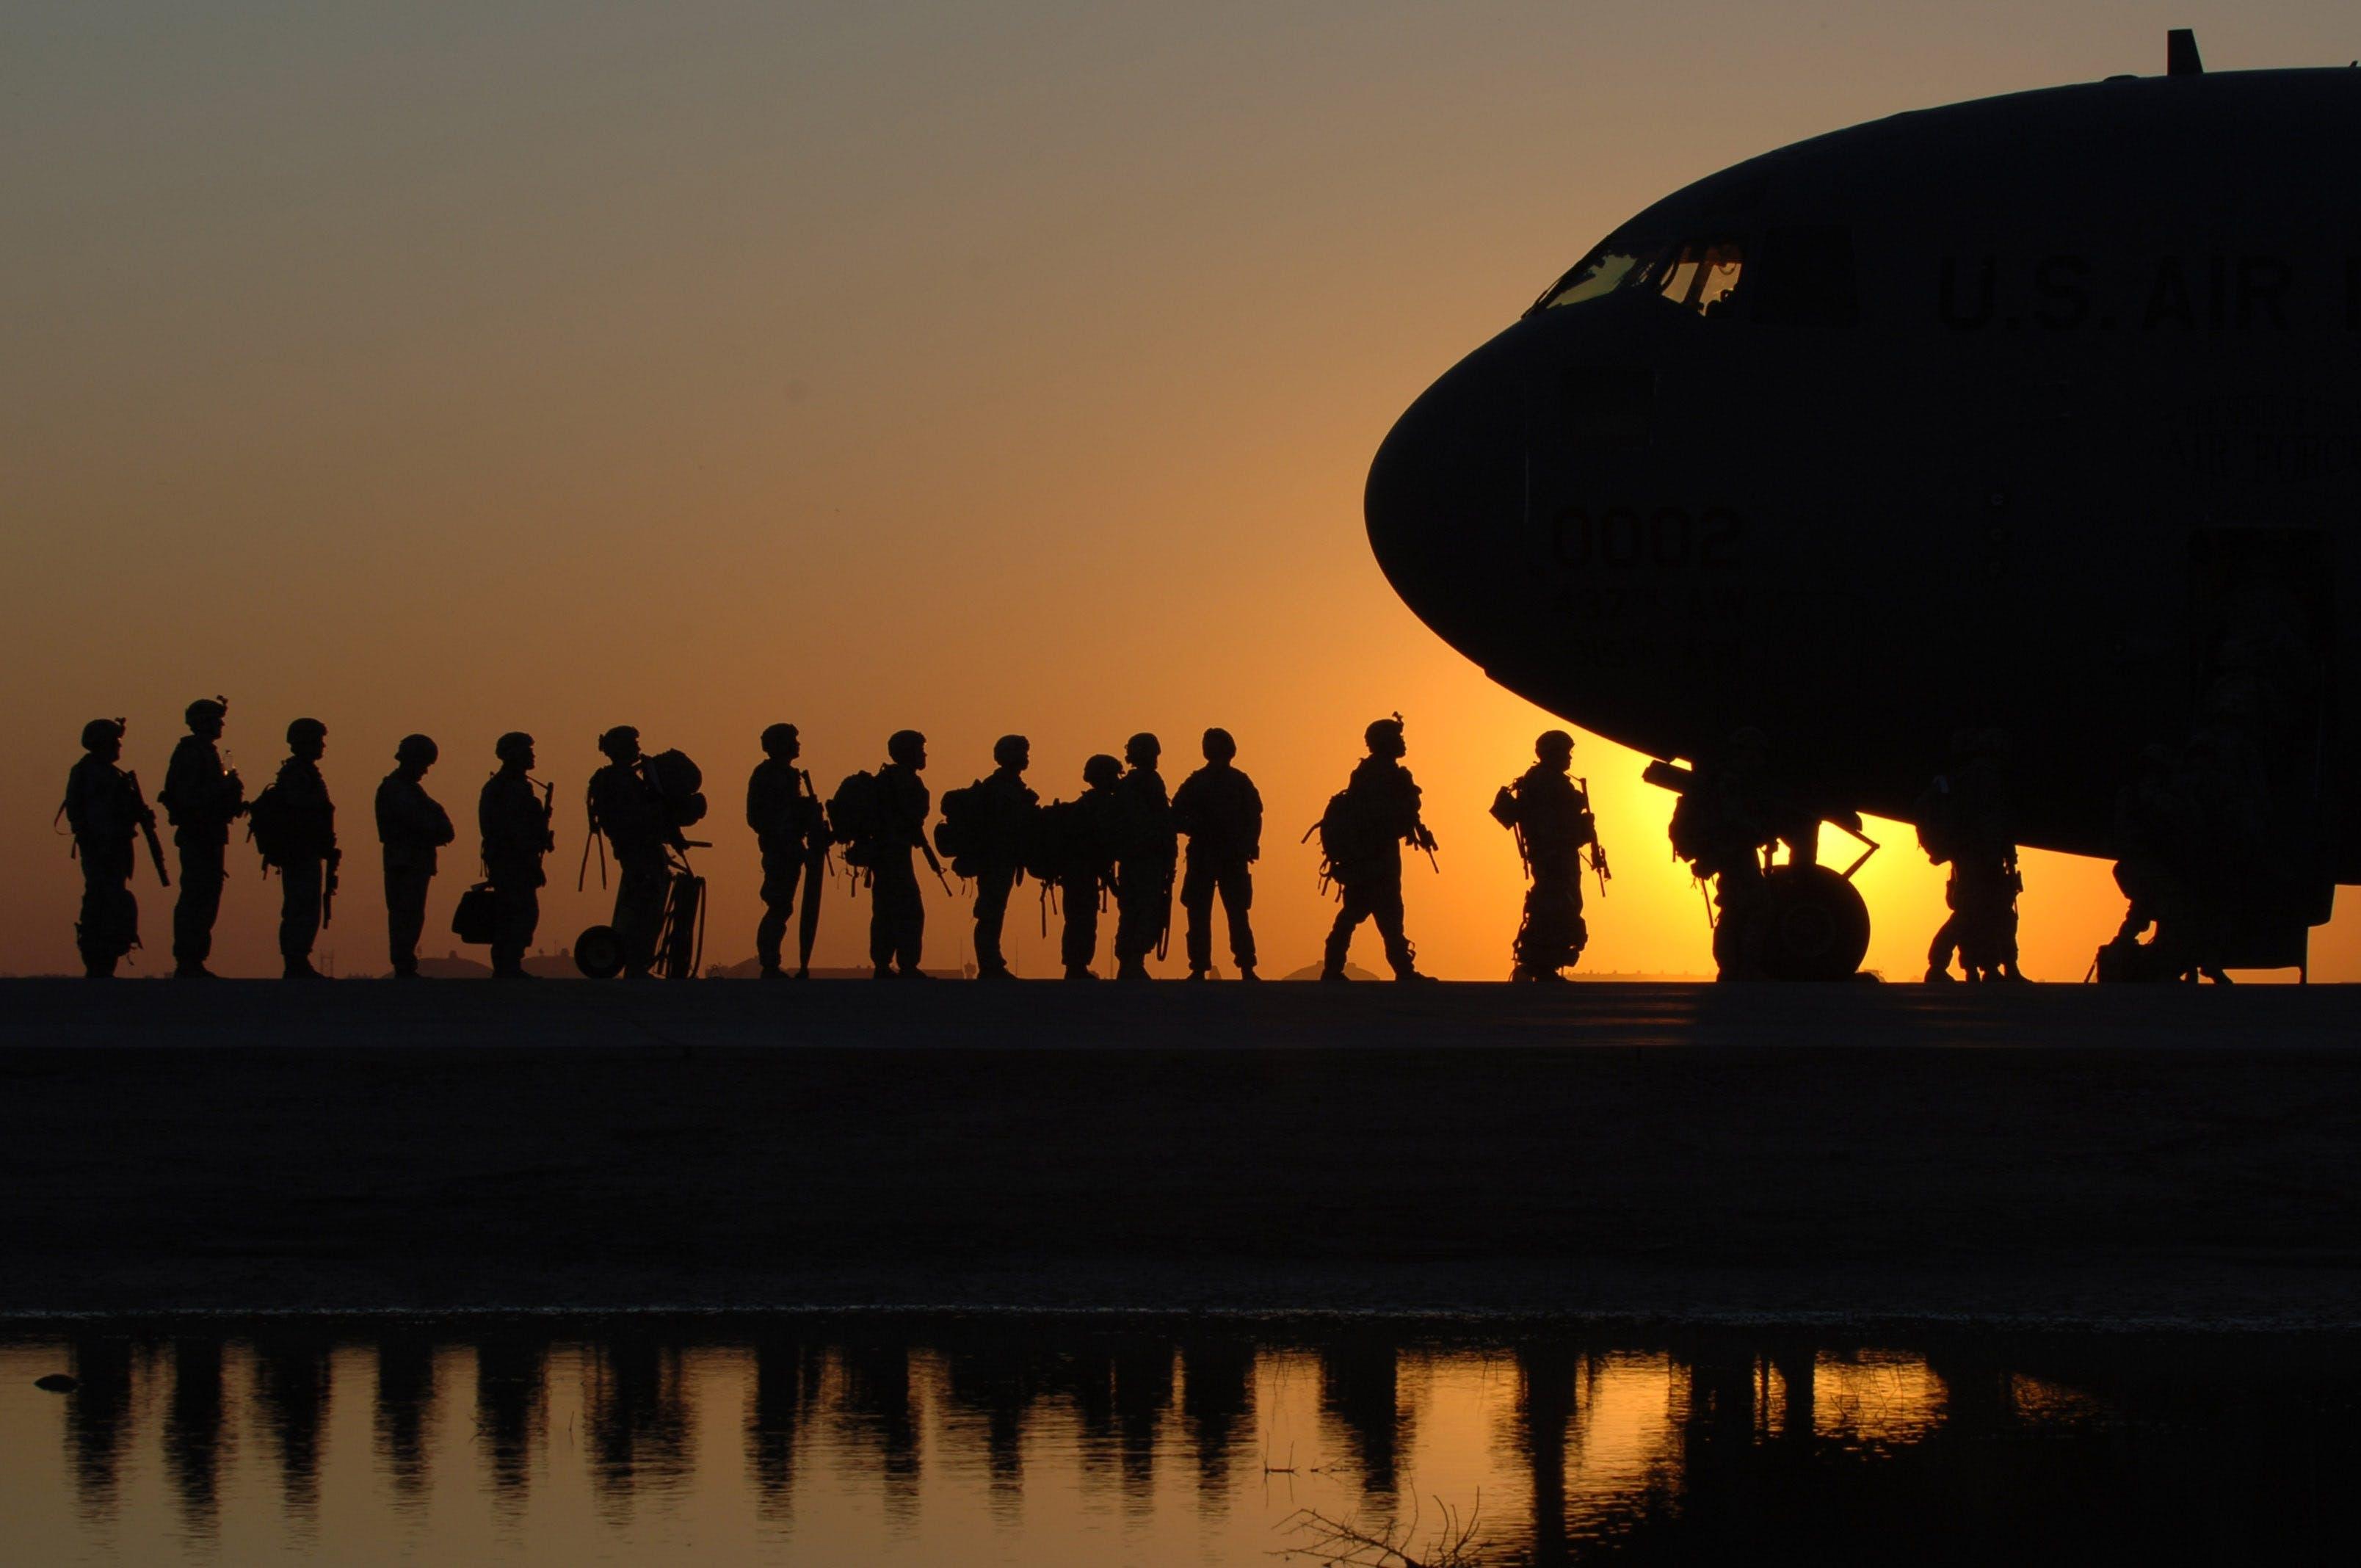 フライト, 兵隊, 戦争, 日の出の無料の写真素材